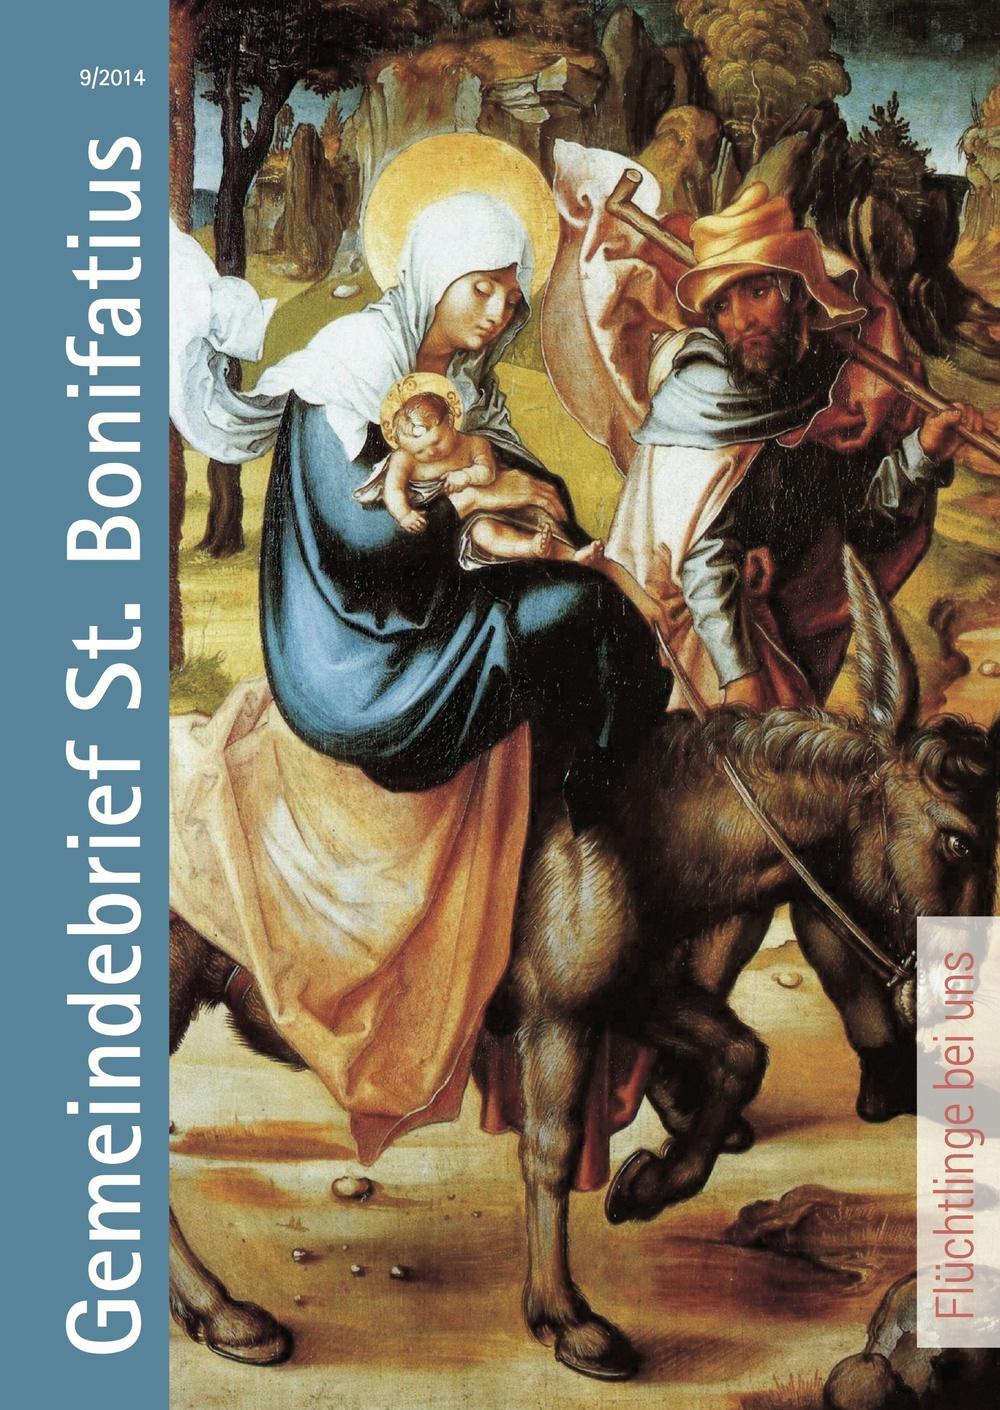 Titelseite des Gemiendebries 9/2014. Albrecht Dürer: Die Flucht aus Ägypten